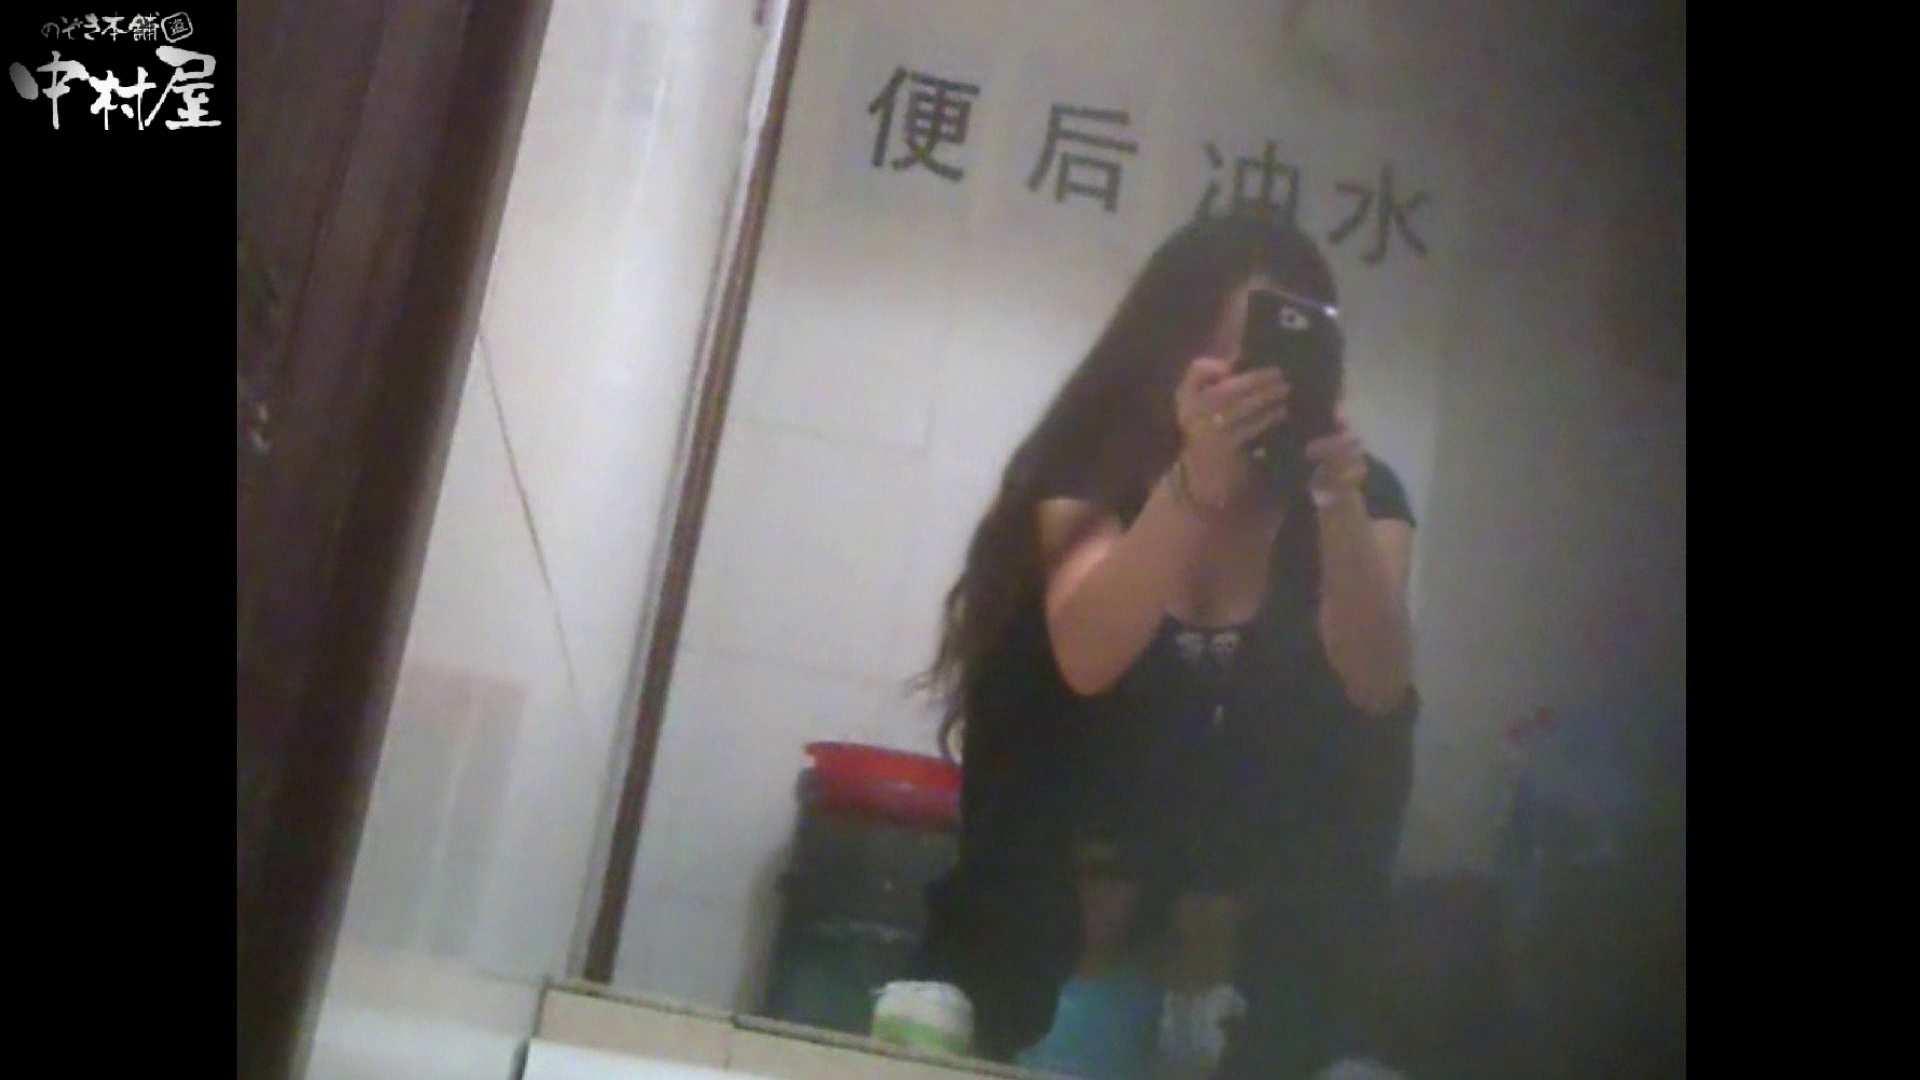 李さんの盗撮日記 Vol.03 現役ギャル のぞき動画画像 95pic 43